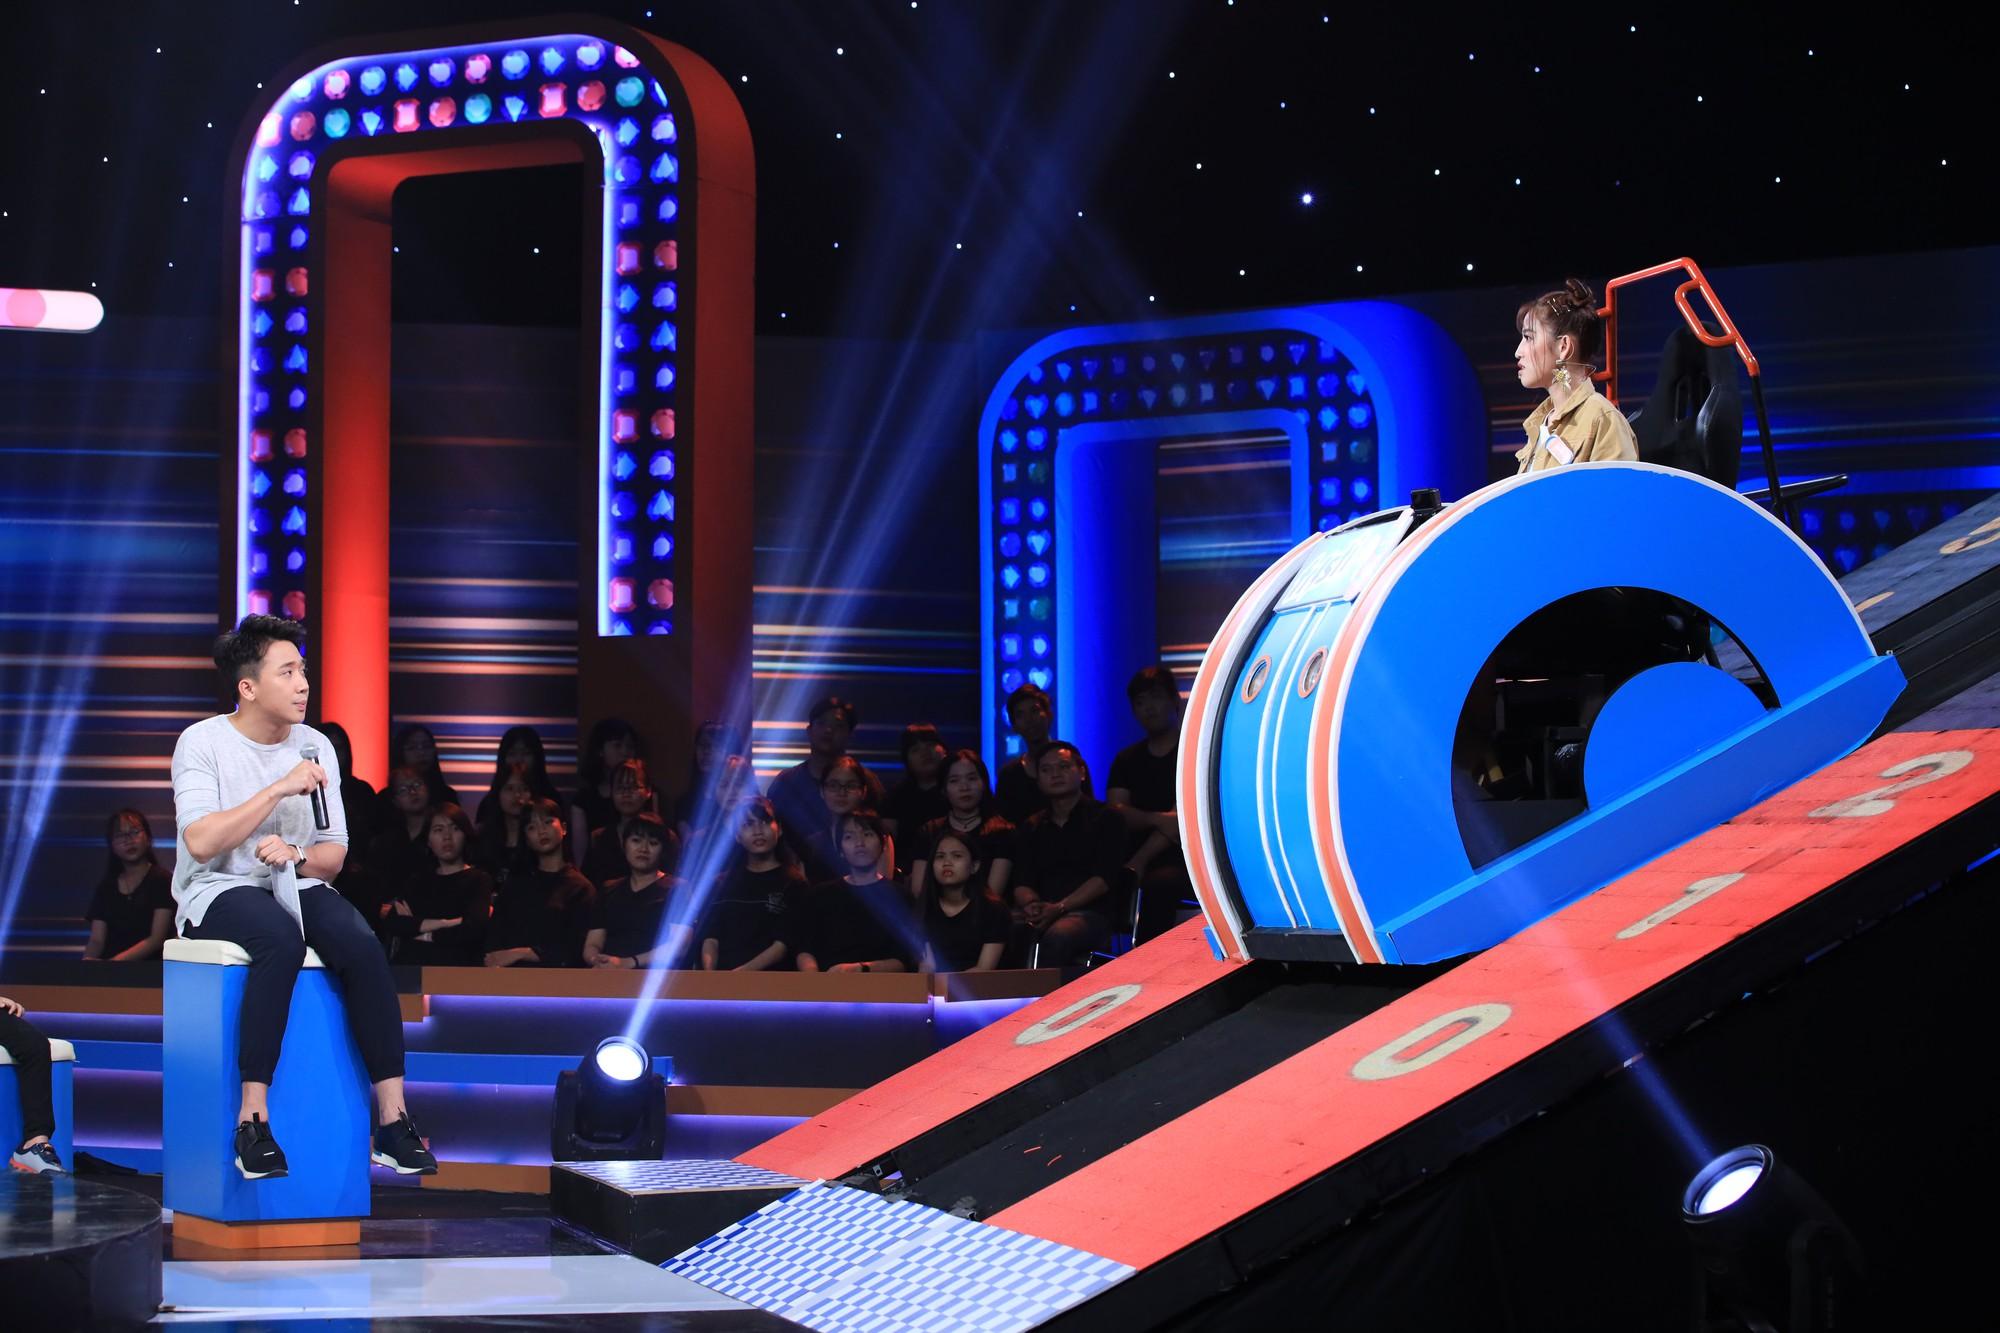 HTV2 - Phan thi cua Puka